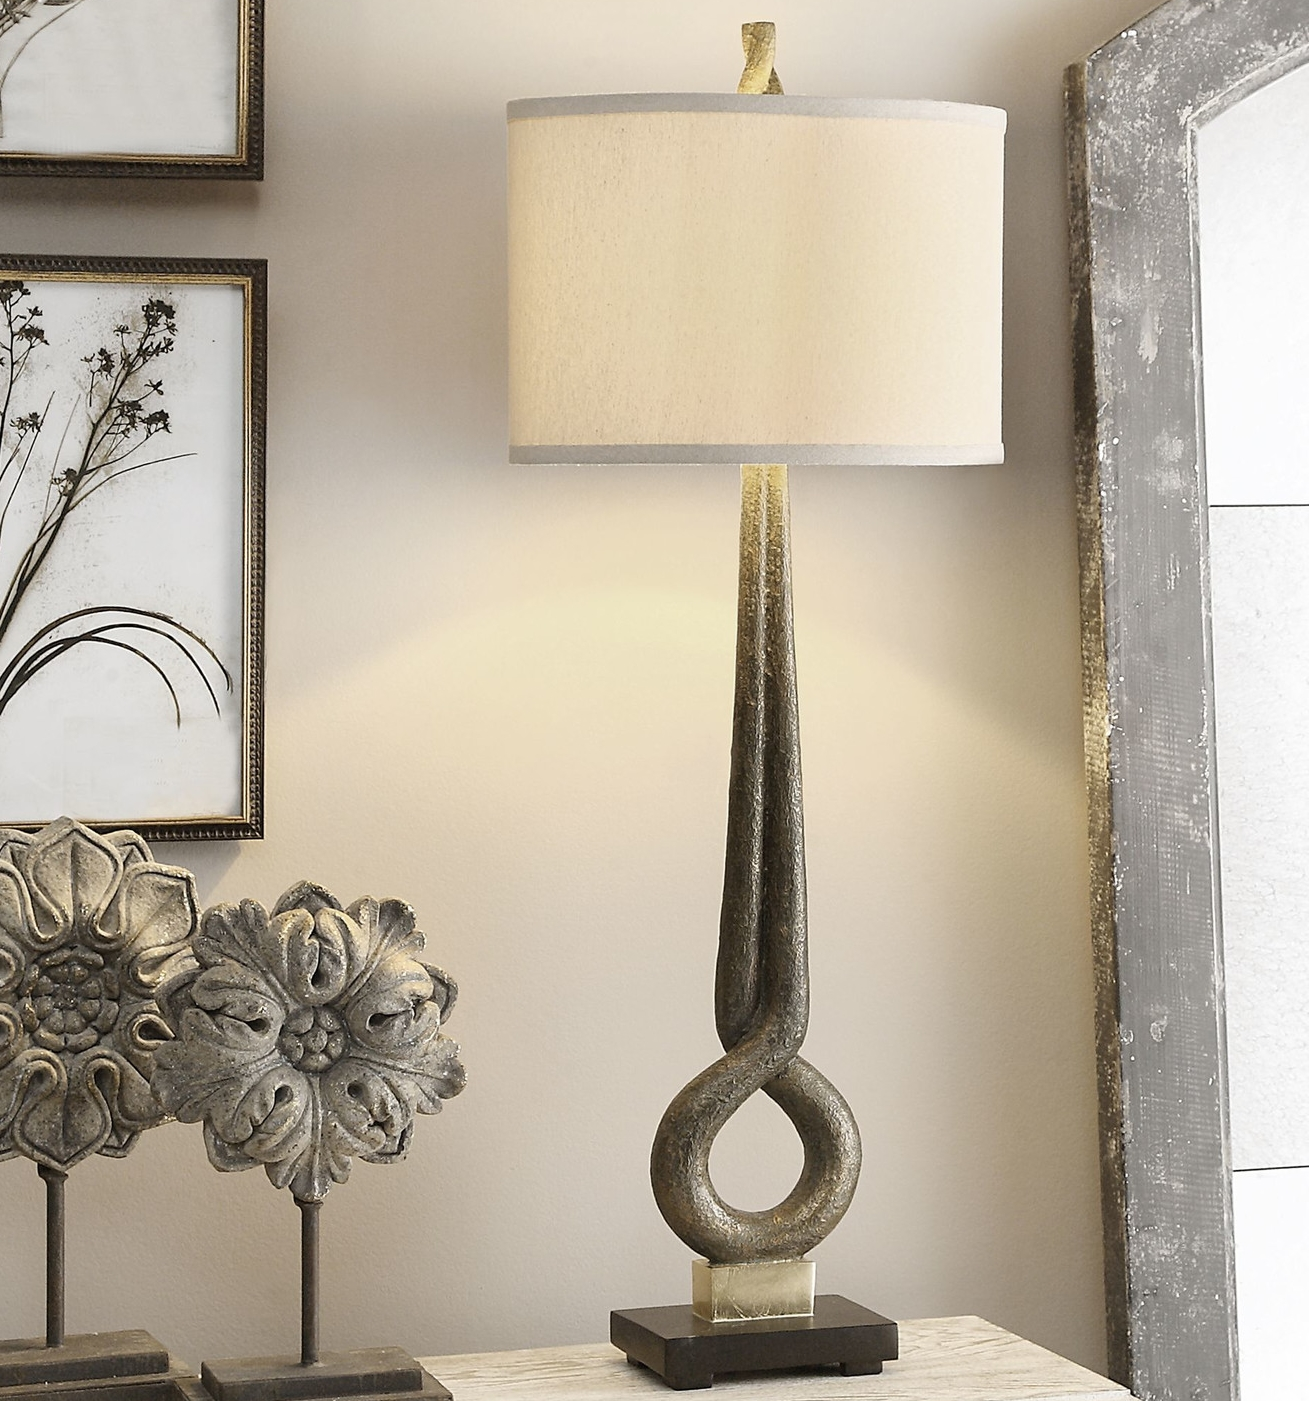 Jandari-38-H-Table-Lamp-with-Drum-Shade-27032-1.jpg